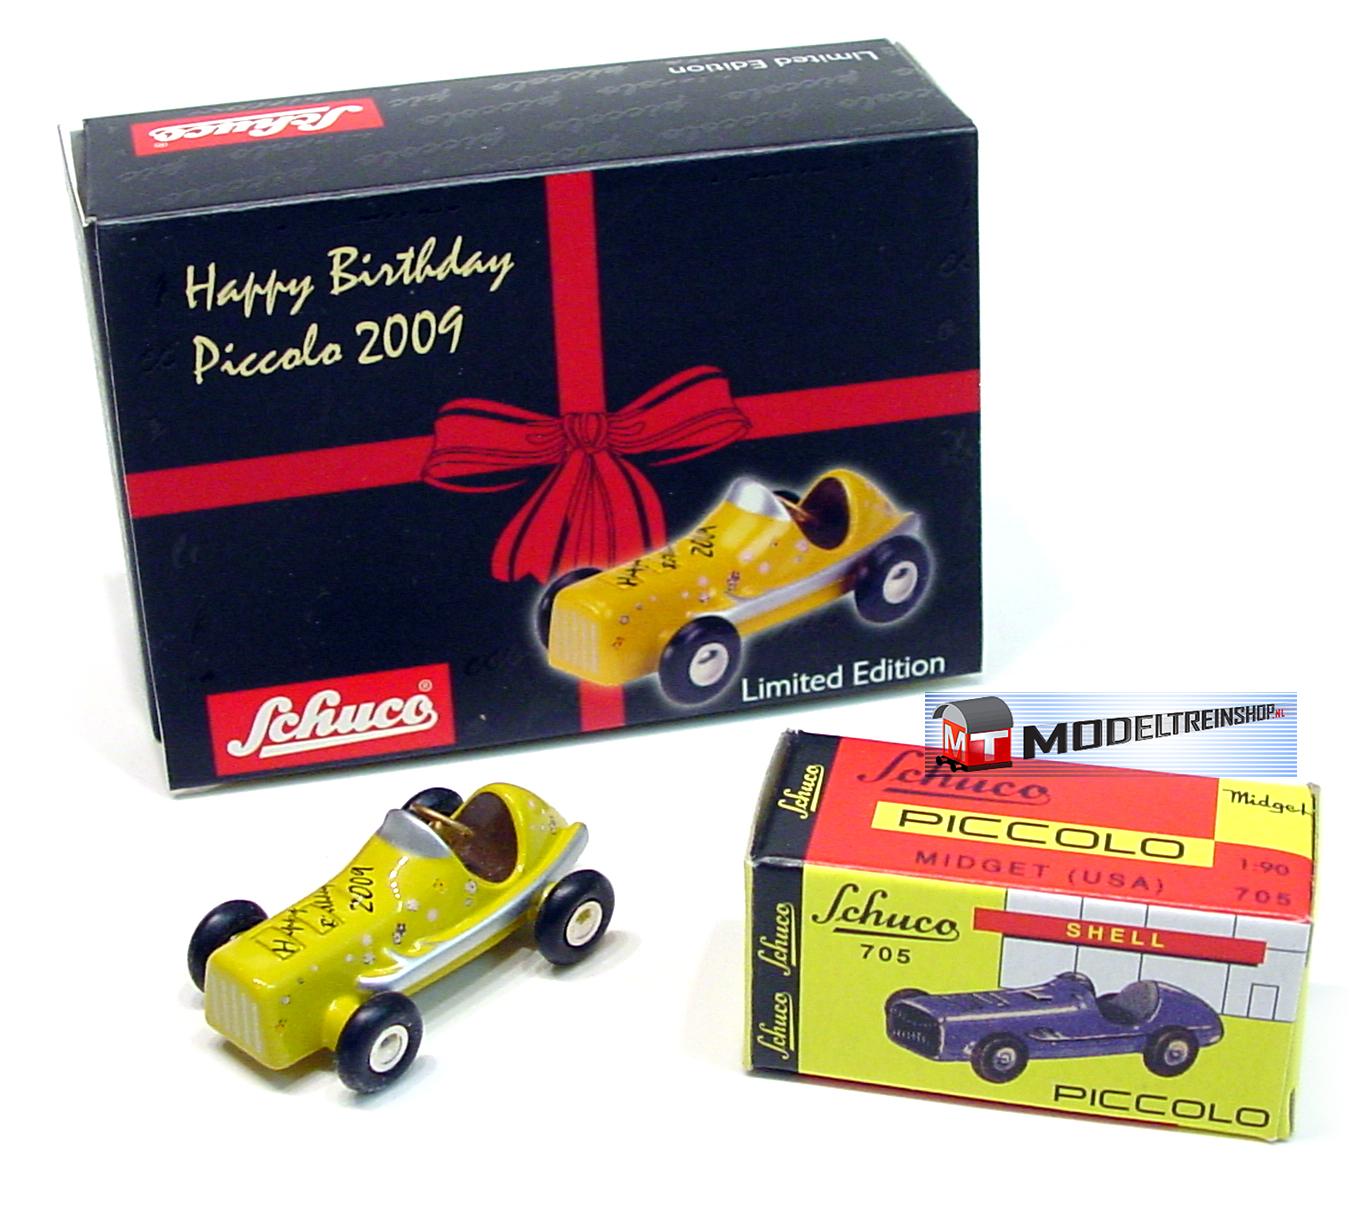 Schuco Piccolo Midget racewagen - Happy Birhday 2009 - Modeltreinshop